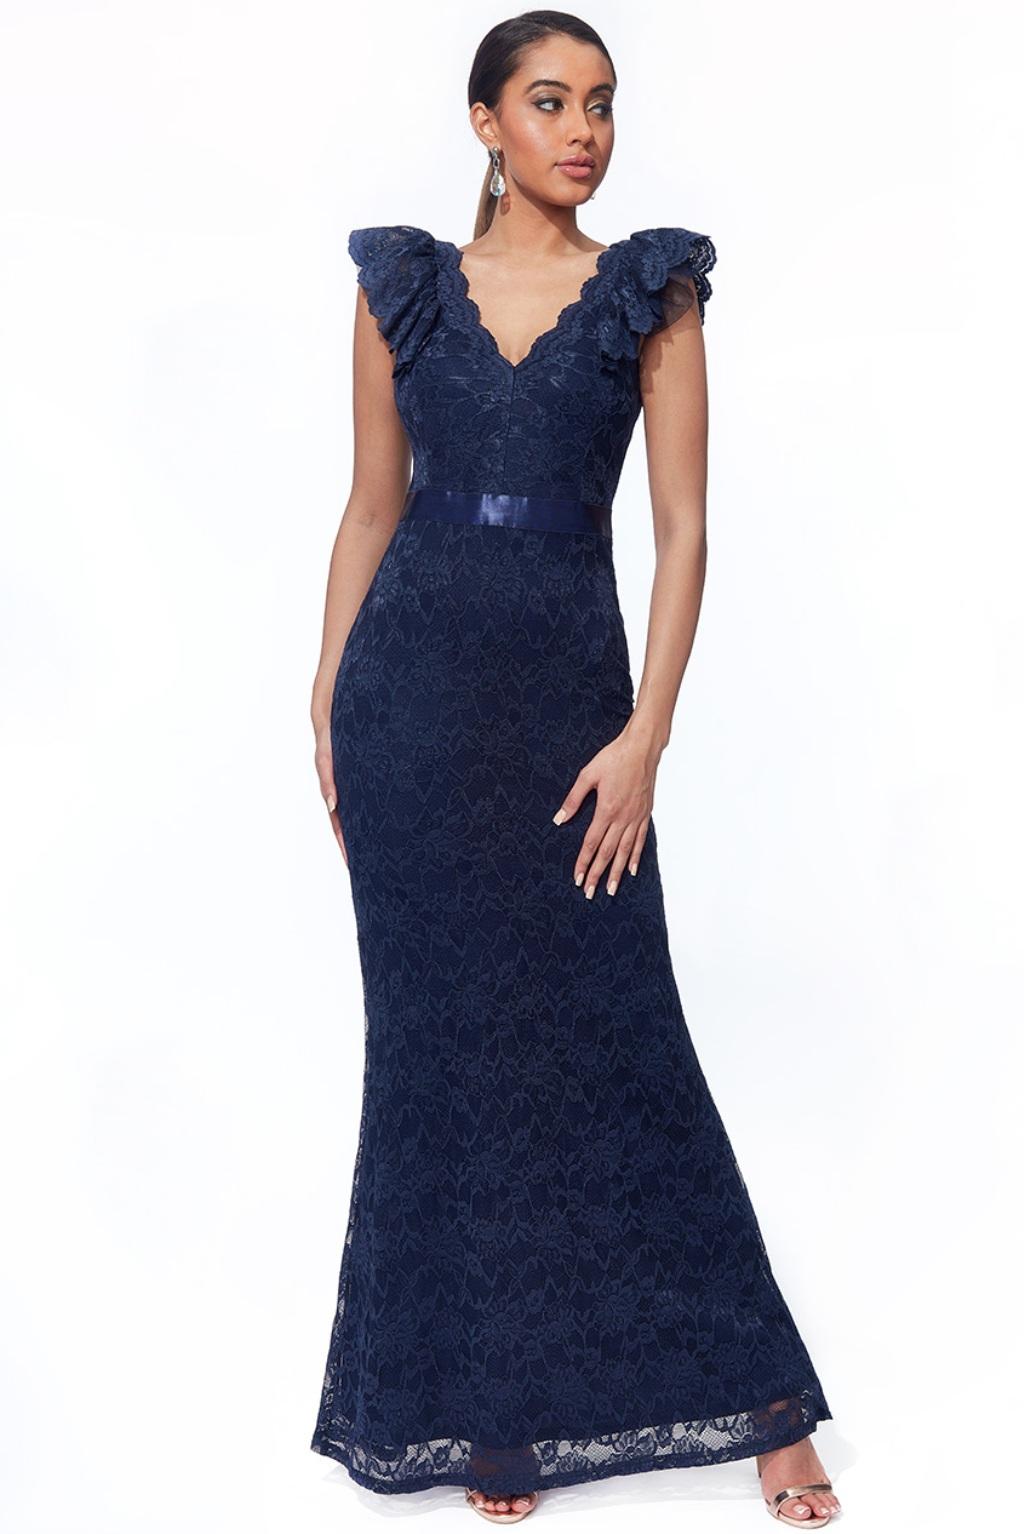 Tmavomodré čipkované priliehavé šaty Veľkosť: M